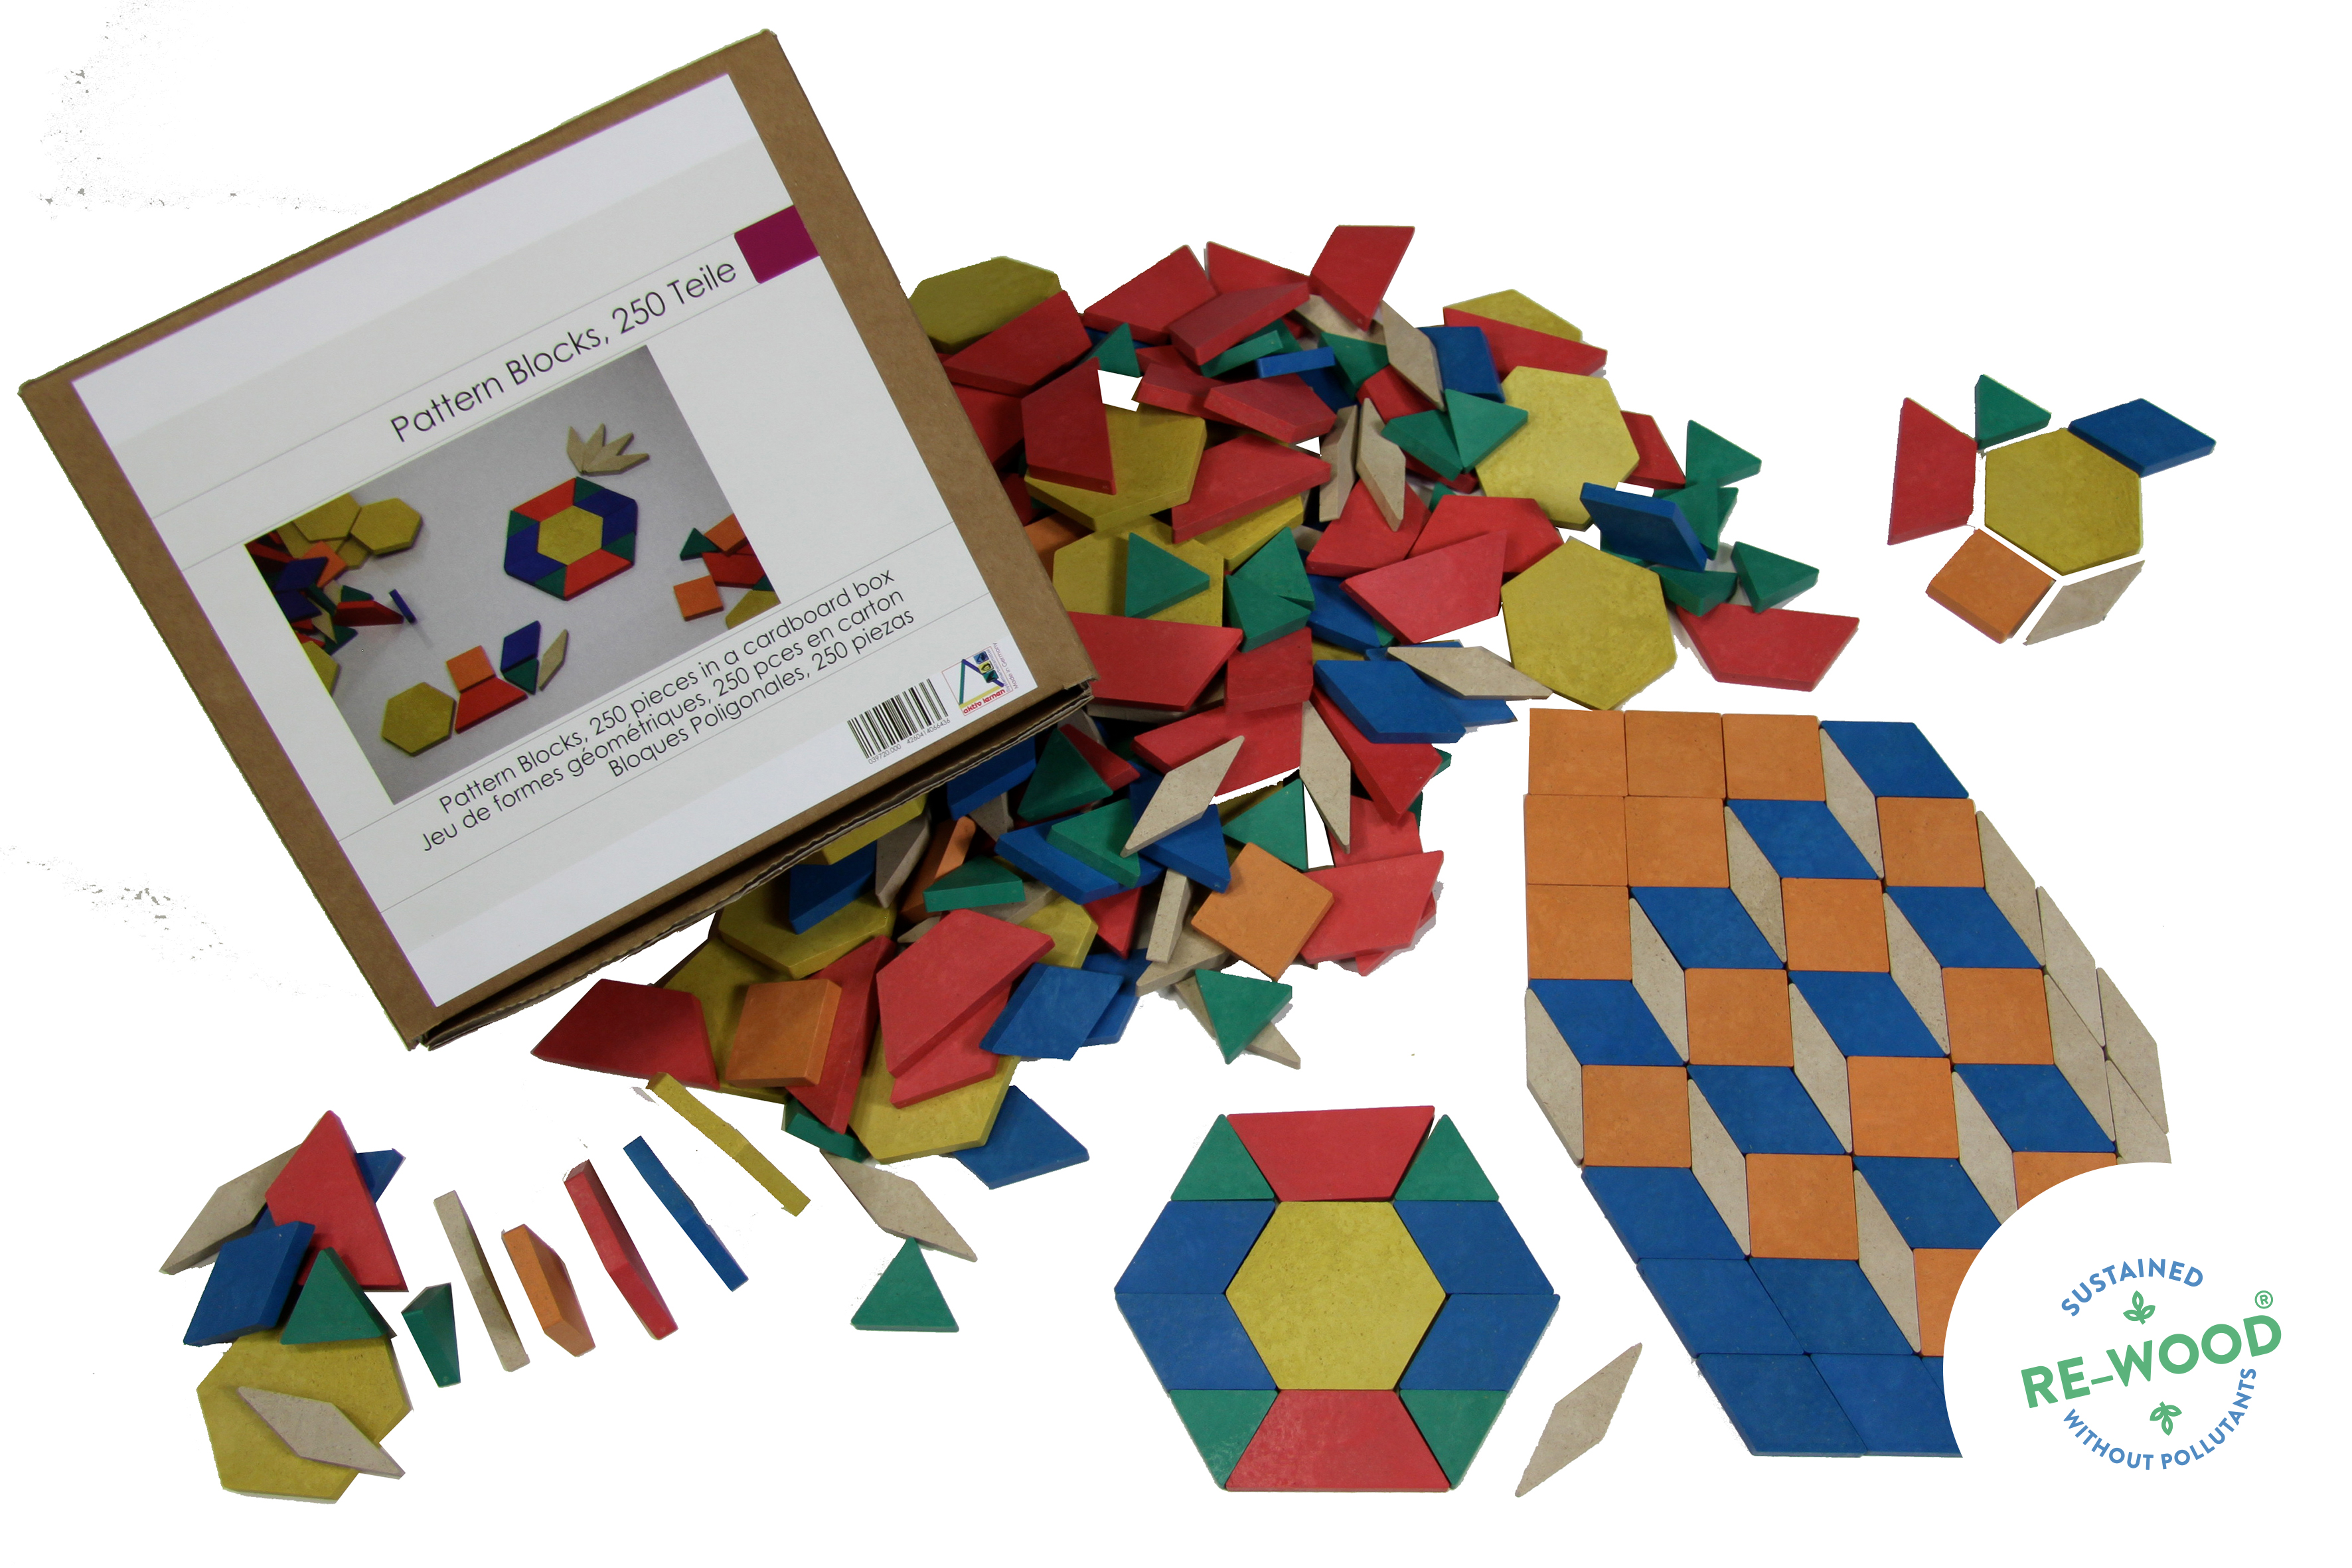 Geometrijski oblici drveni, 250 kom u 4 boje